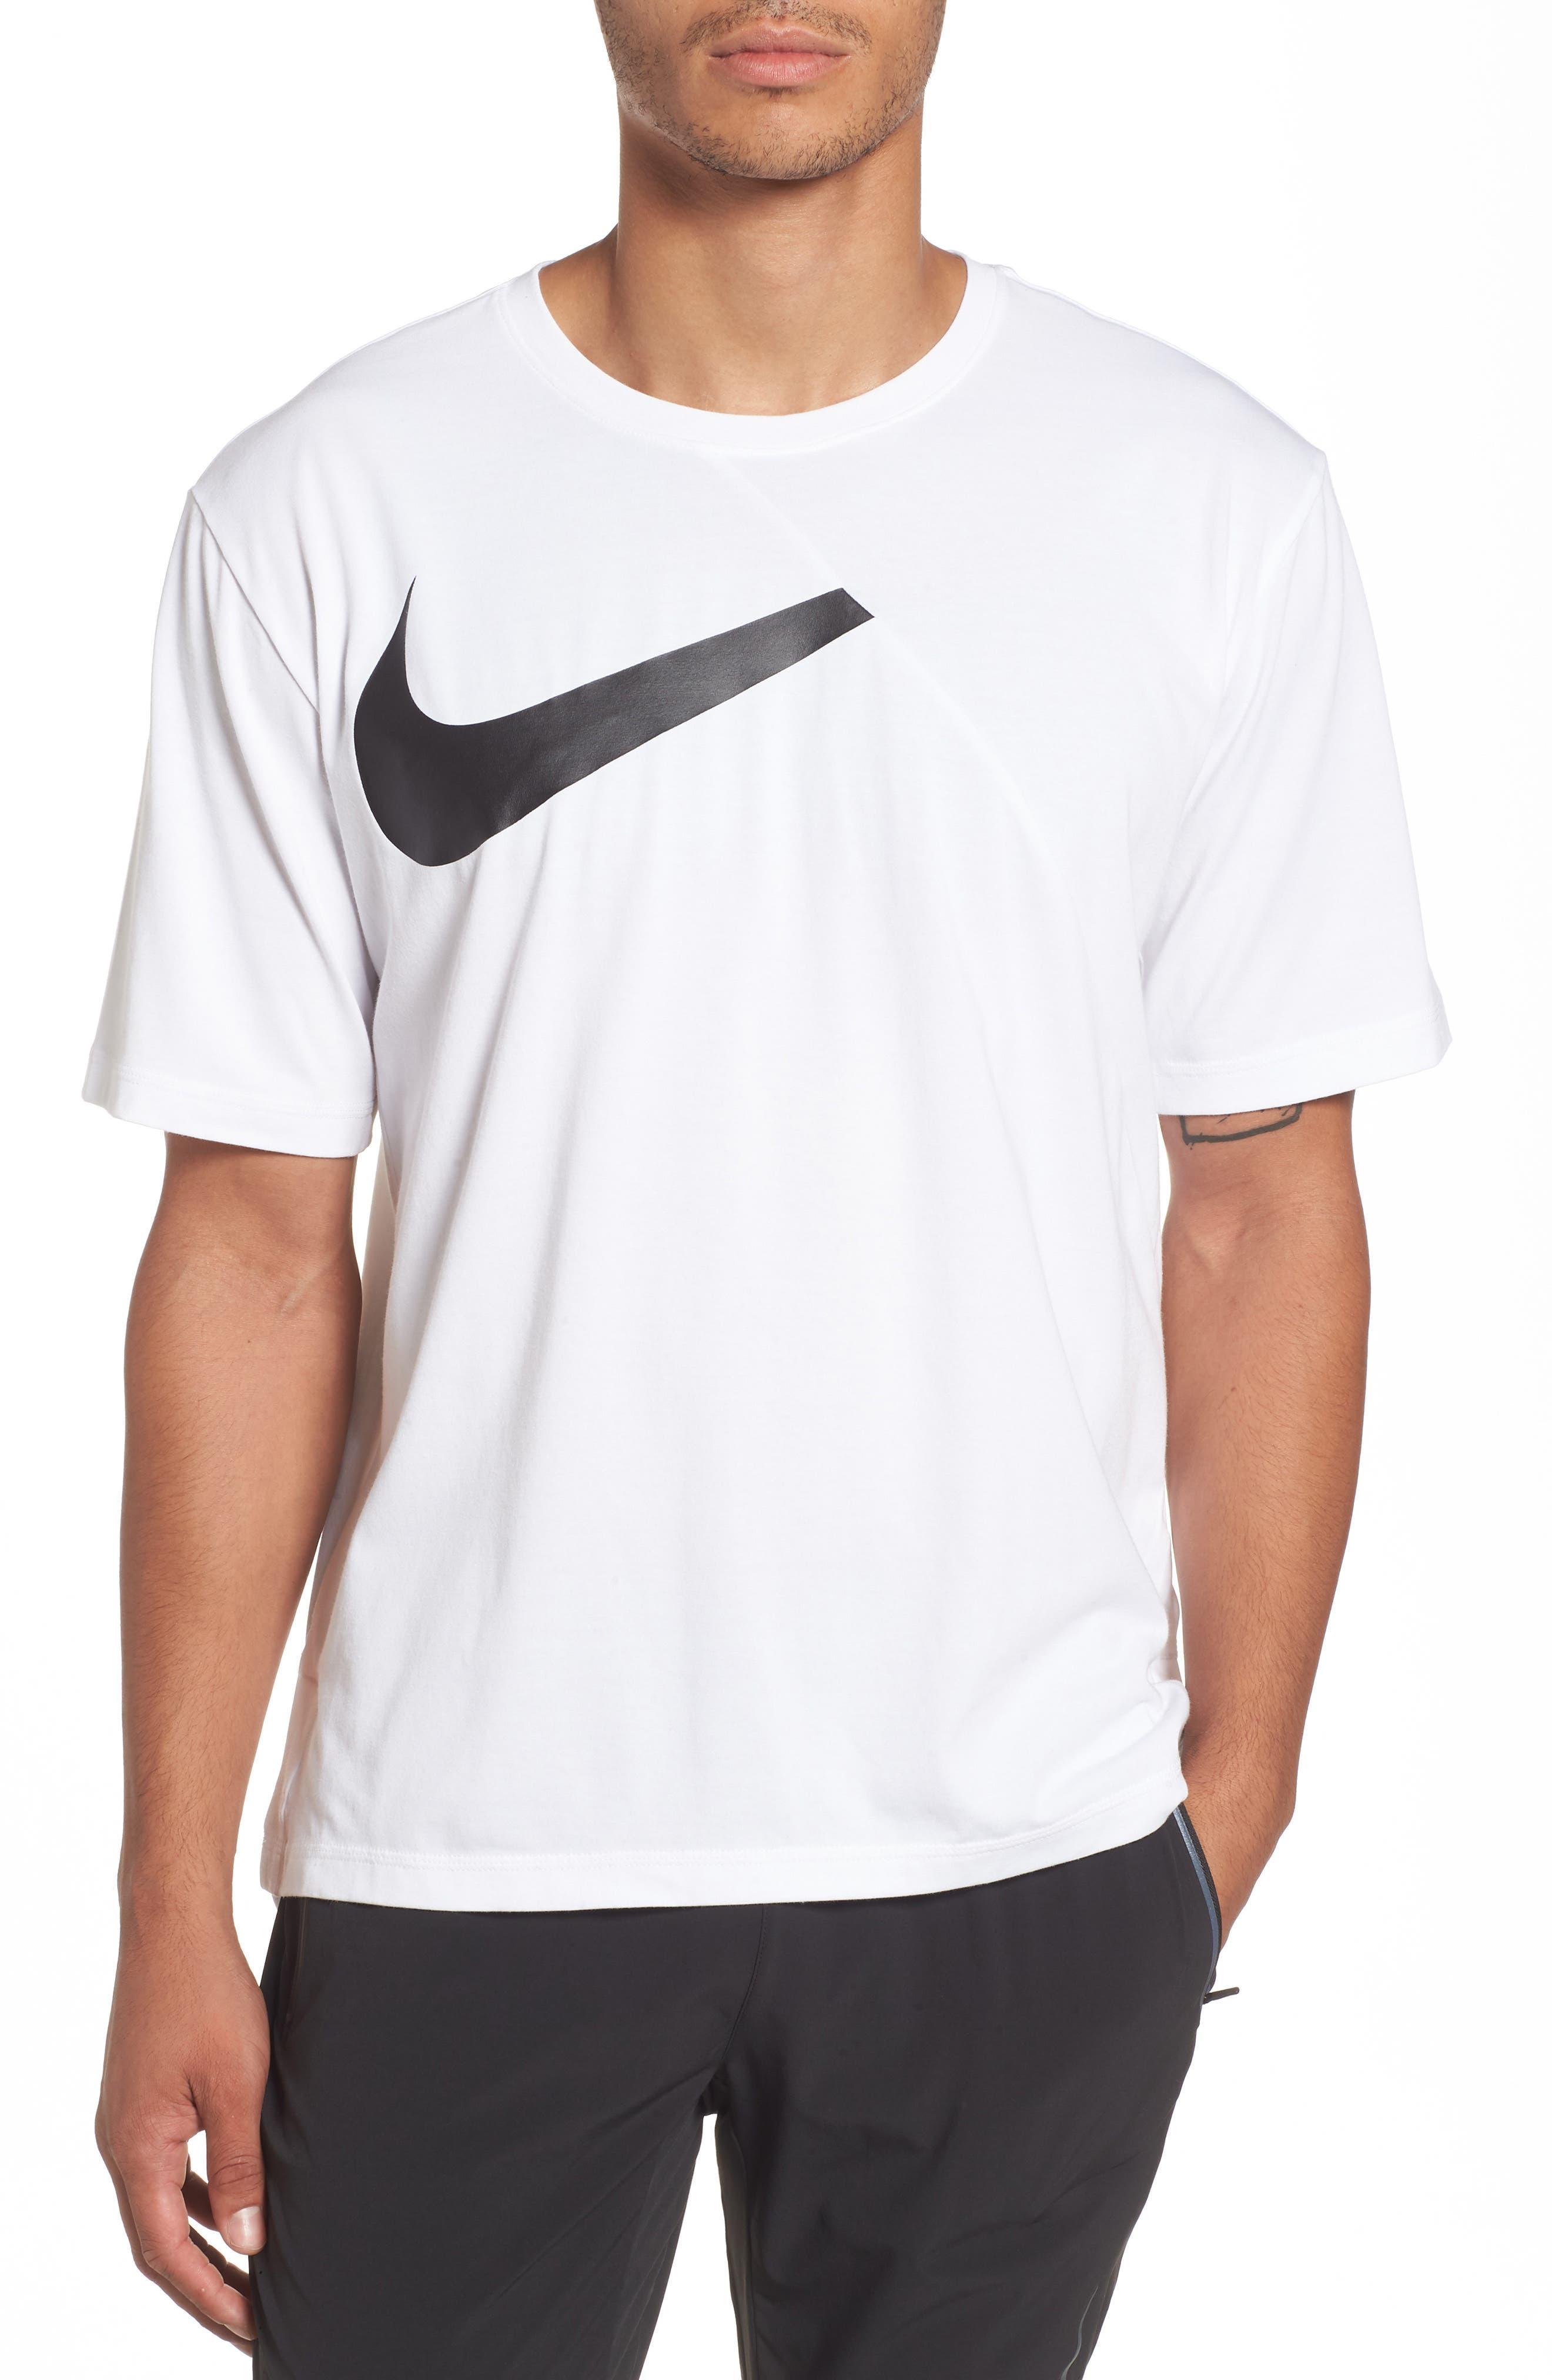 NIKE,                             Dry Performance T-Shirt,                             Main thumbnail 1, color,                             WHITE/ BLACK